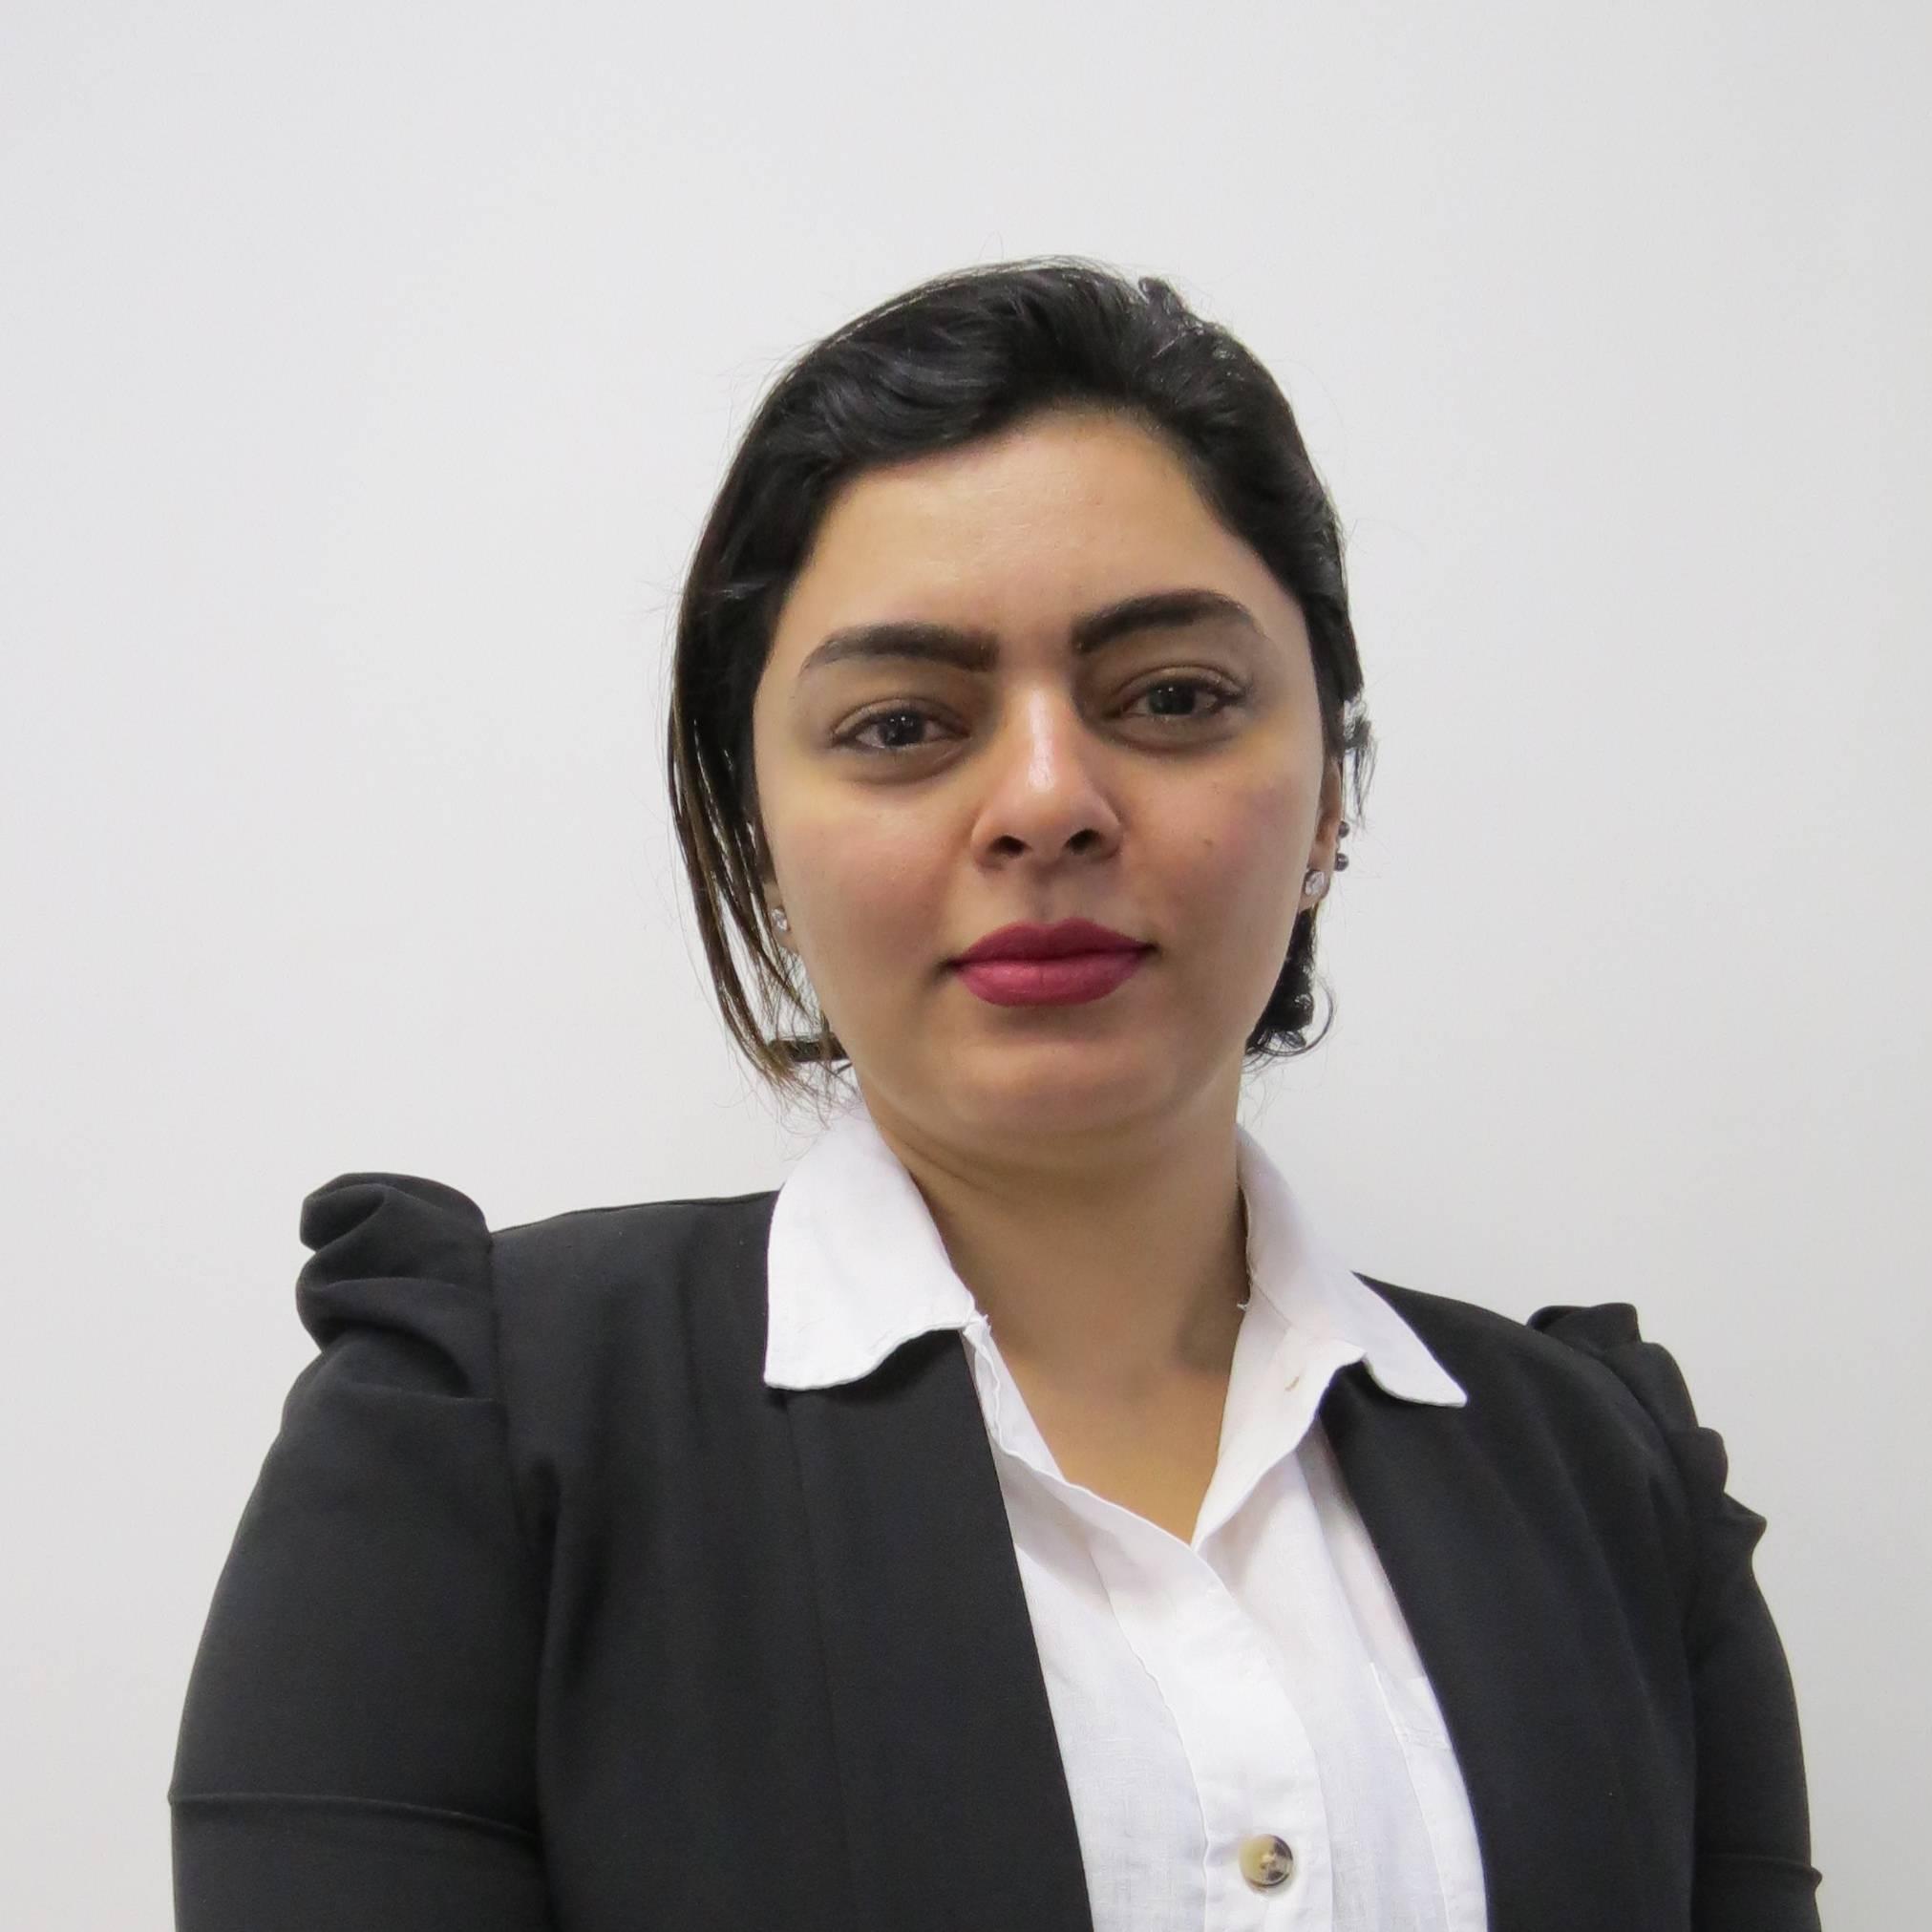 Faten Hassan